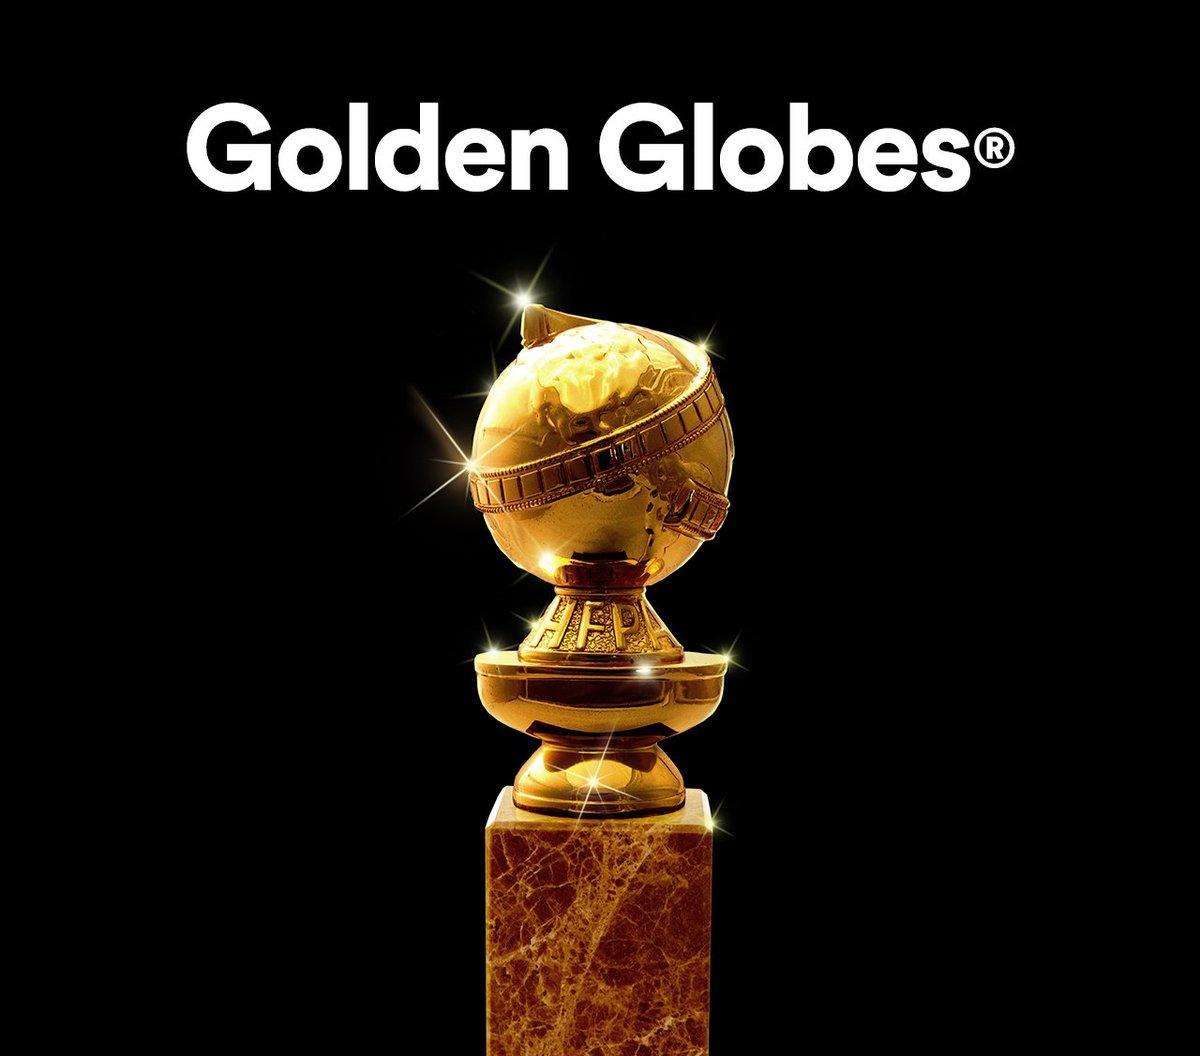 Madonna y Justin Timberlake apoyaron el #TimesUp y el #WhyWeWearBlack — Golden Globes